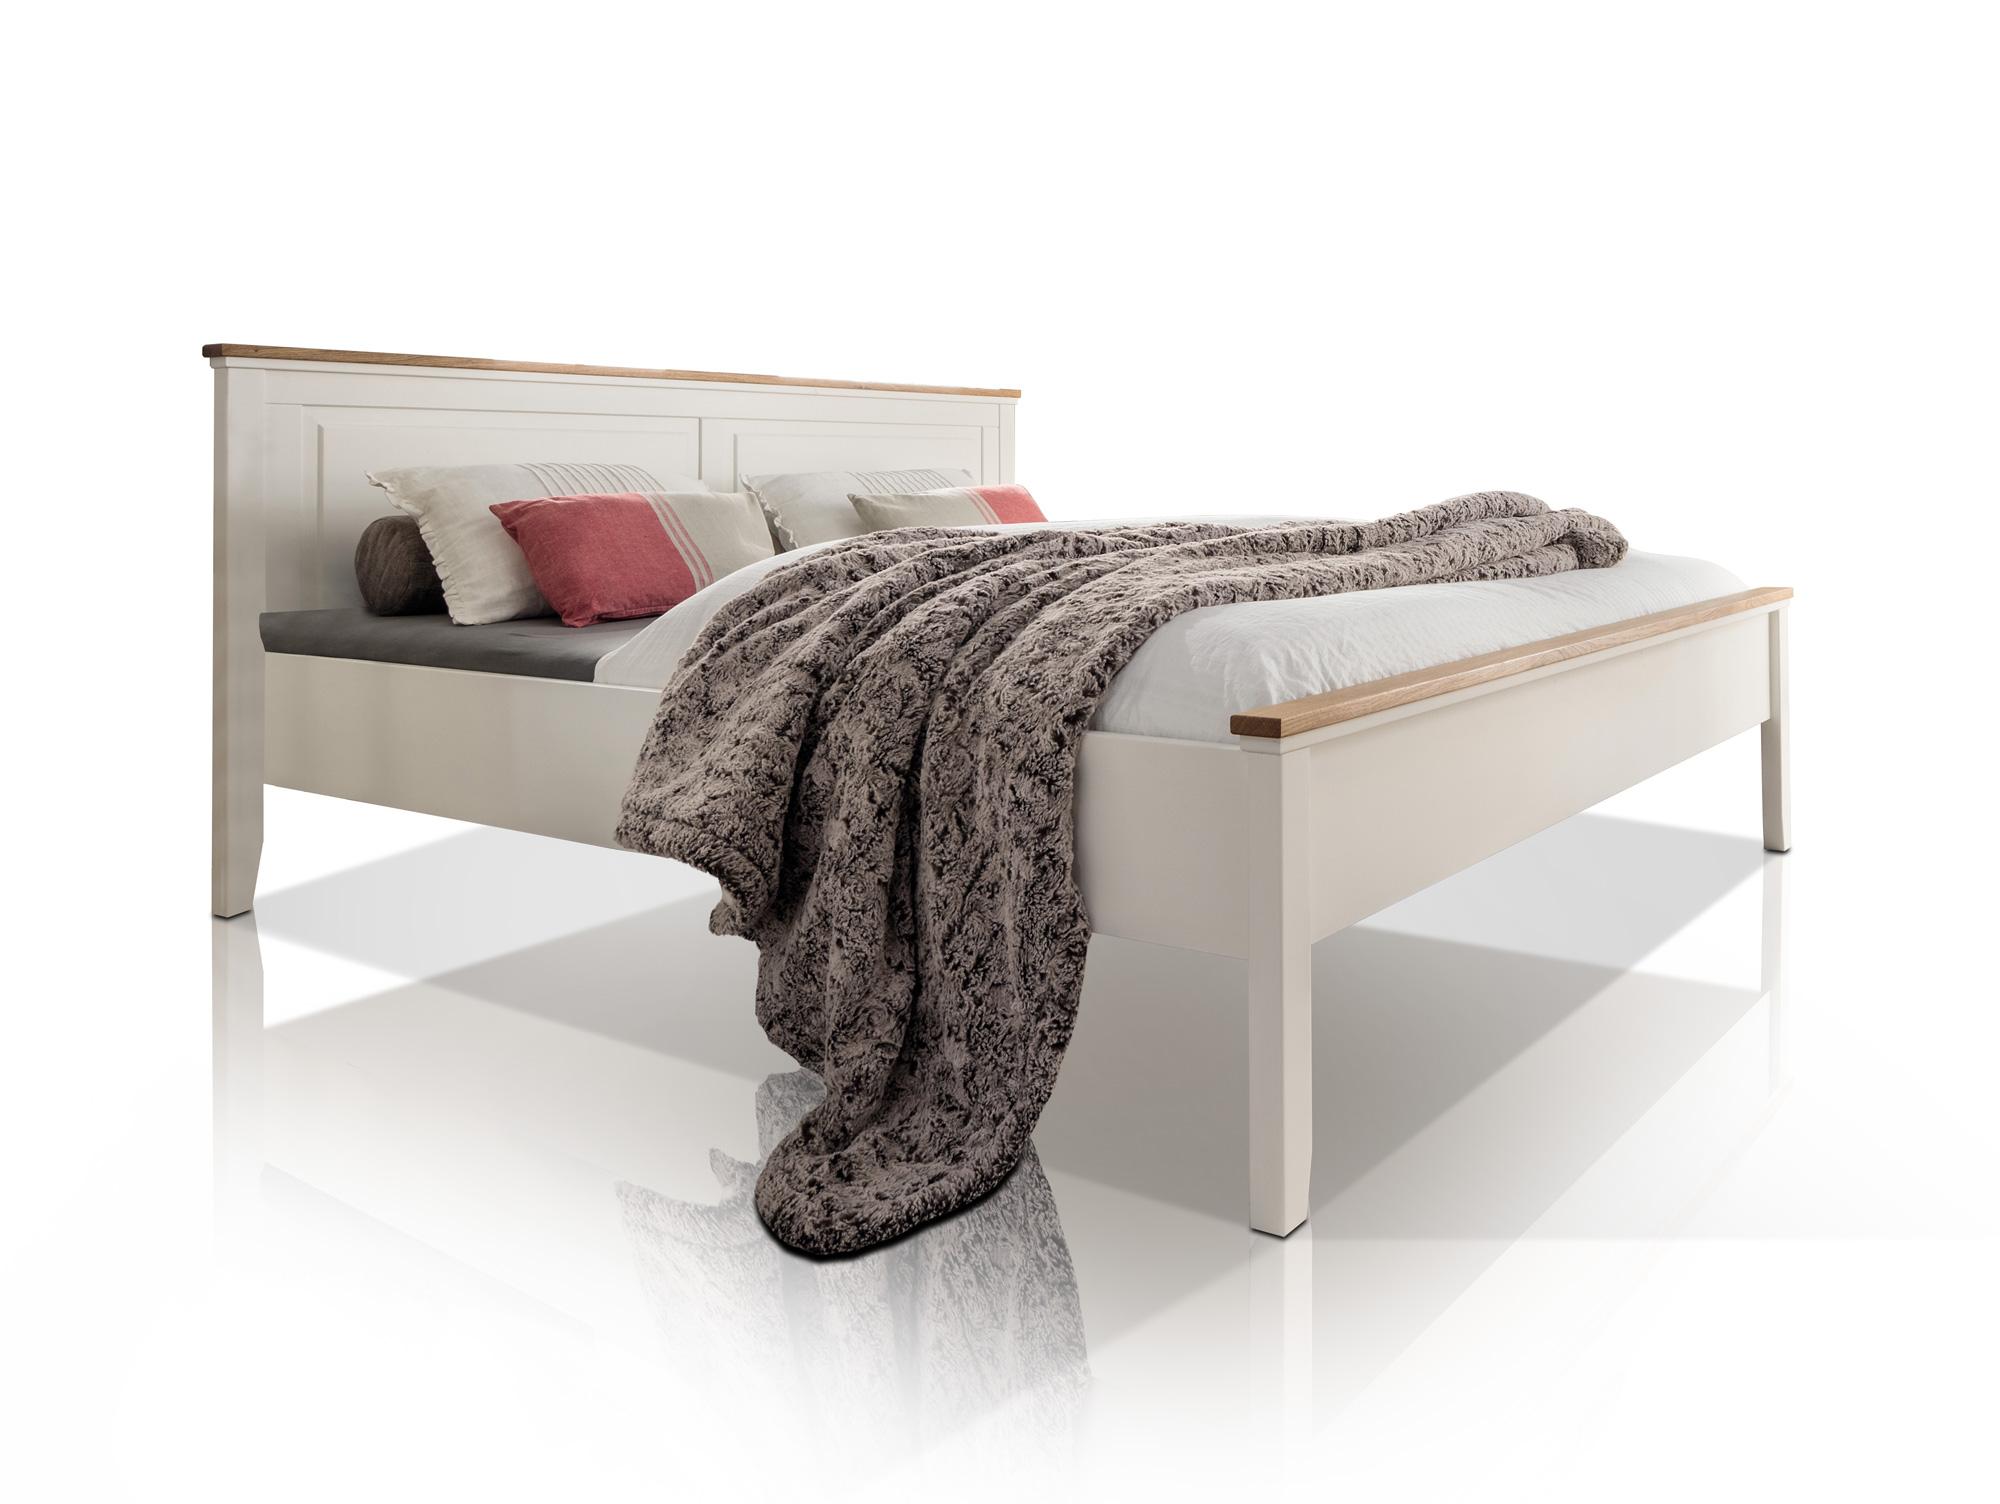 Emilia doppelbett 180x200 cm kiefer creme eiche massiv for Doppelbett 180x200